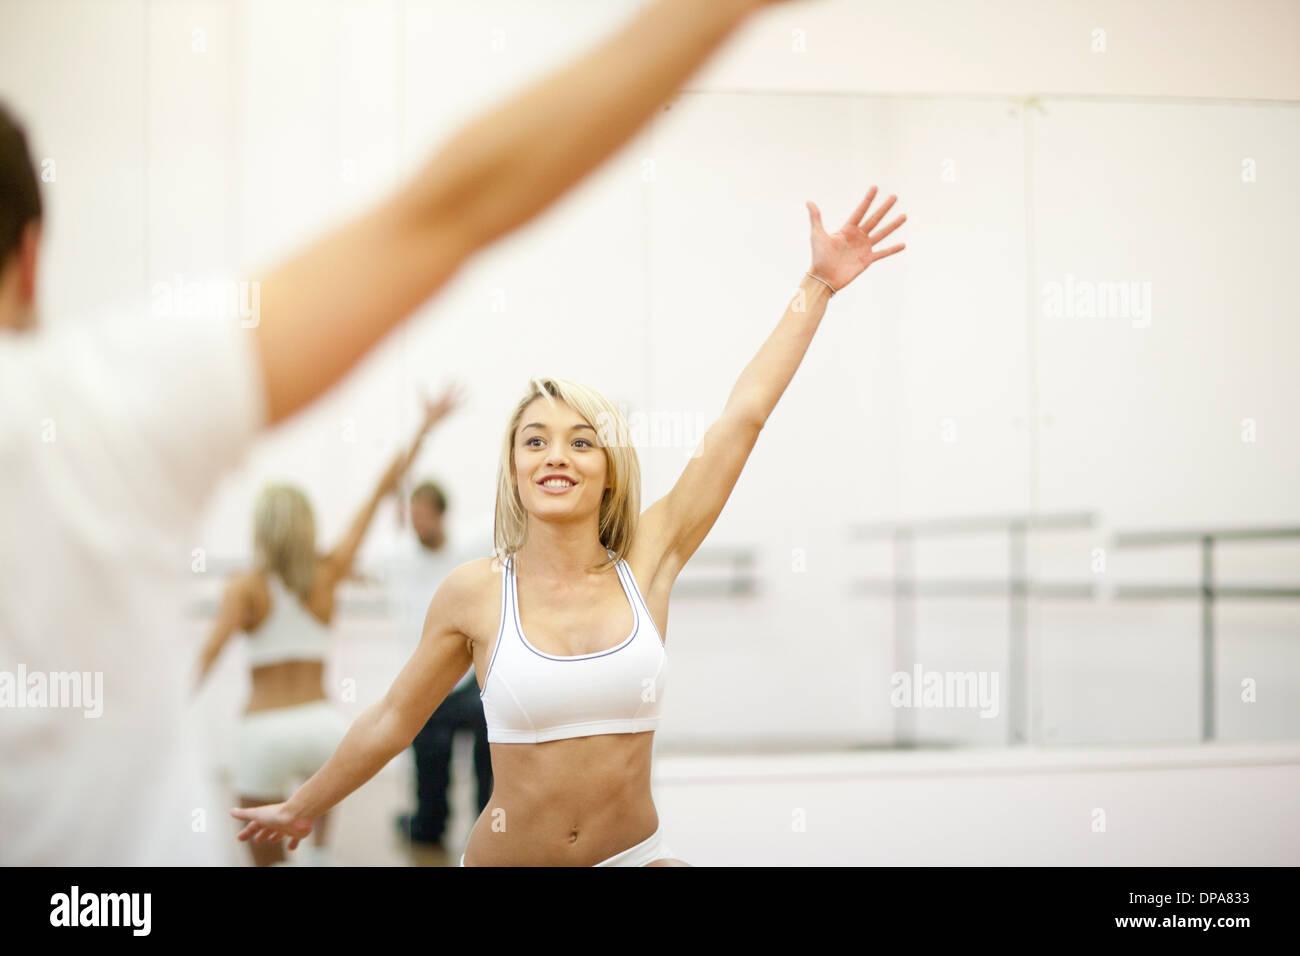 Jeune femme en formation aérobie gym Photo Stock